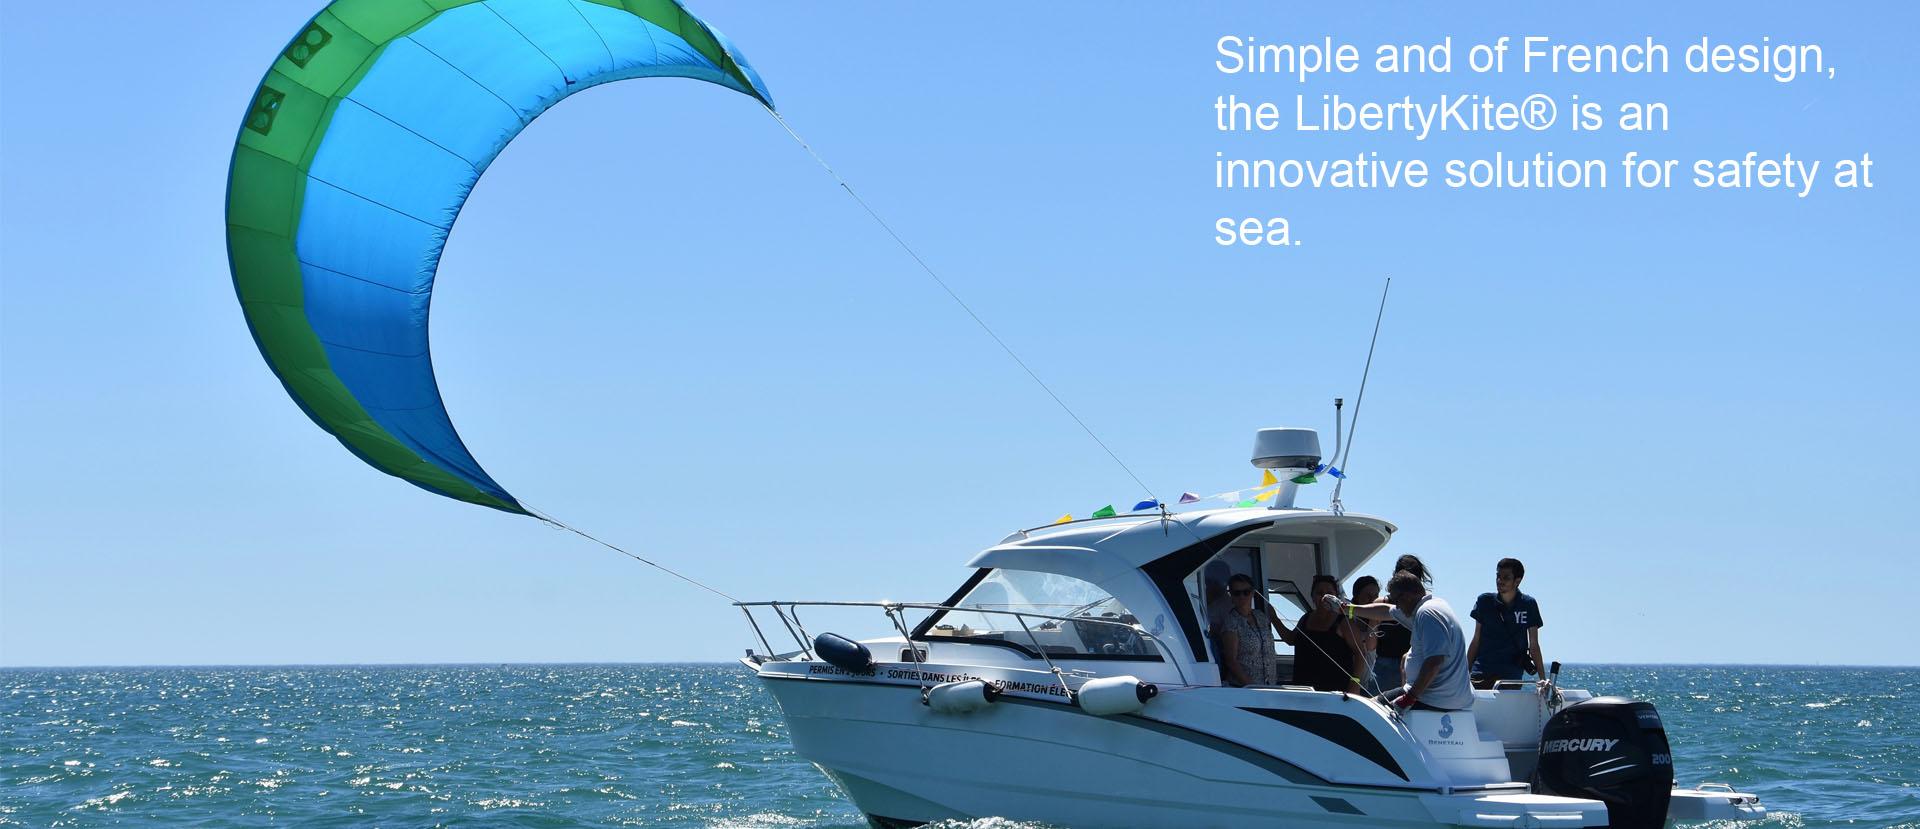 liberty-kite-bateau-21-en